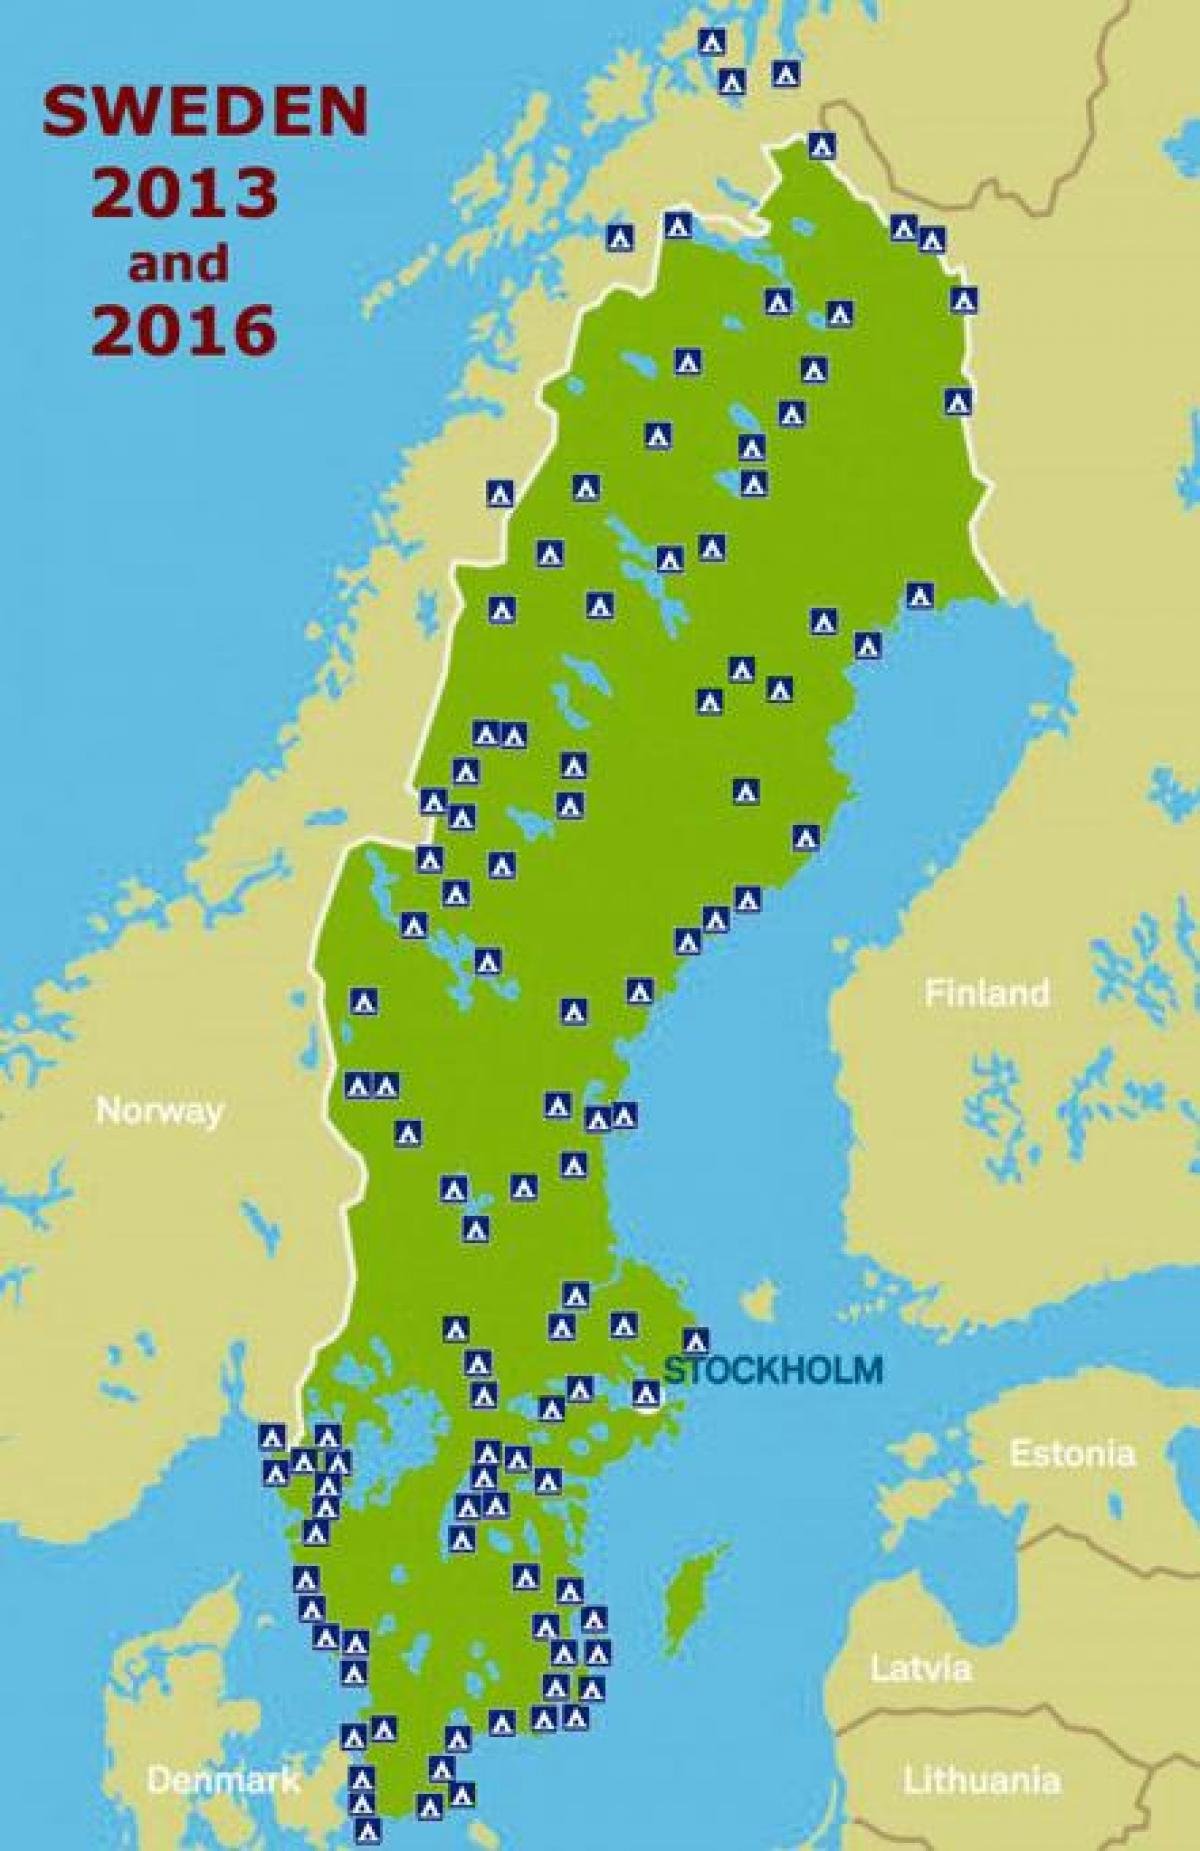 kart over camping sverige Camping Sverige kart   Sverige camping kart (Nord Europa   Europa) kart over camping sverige